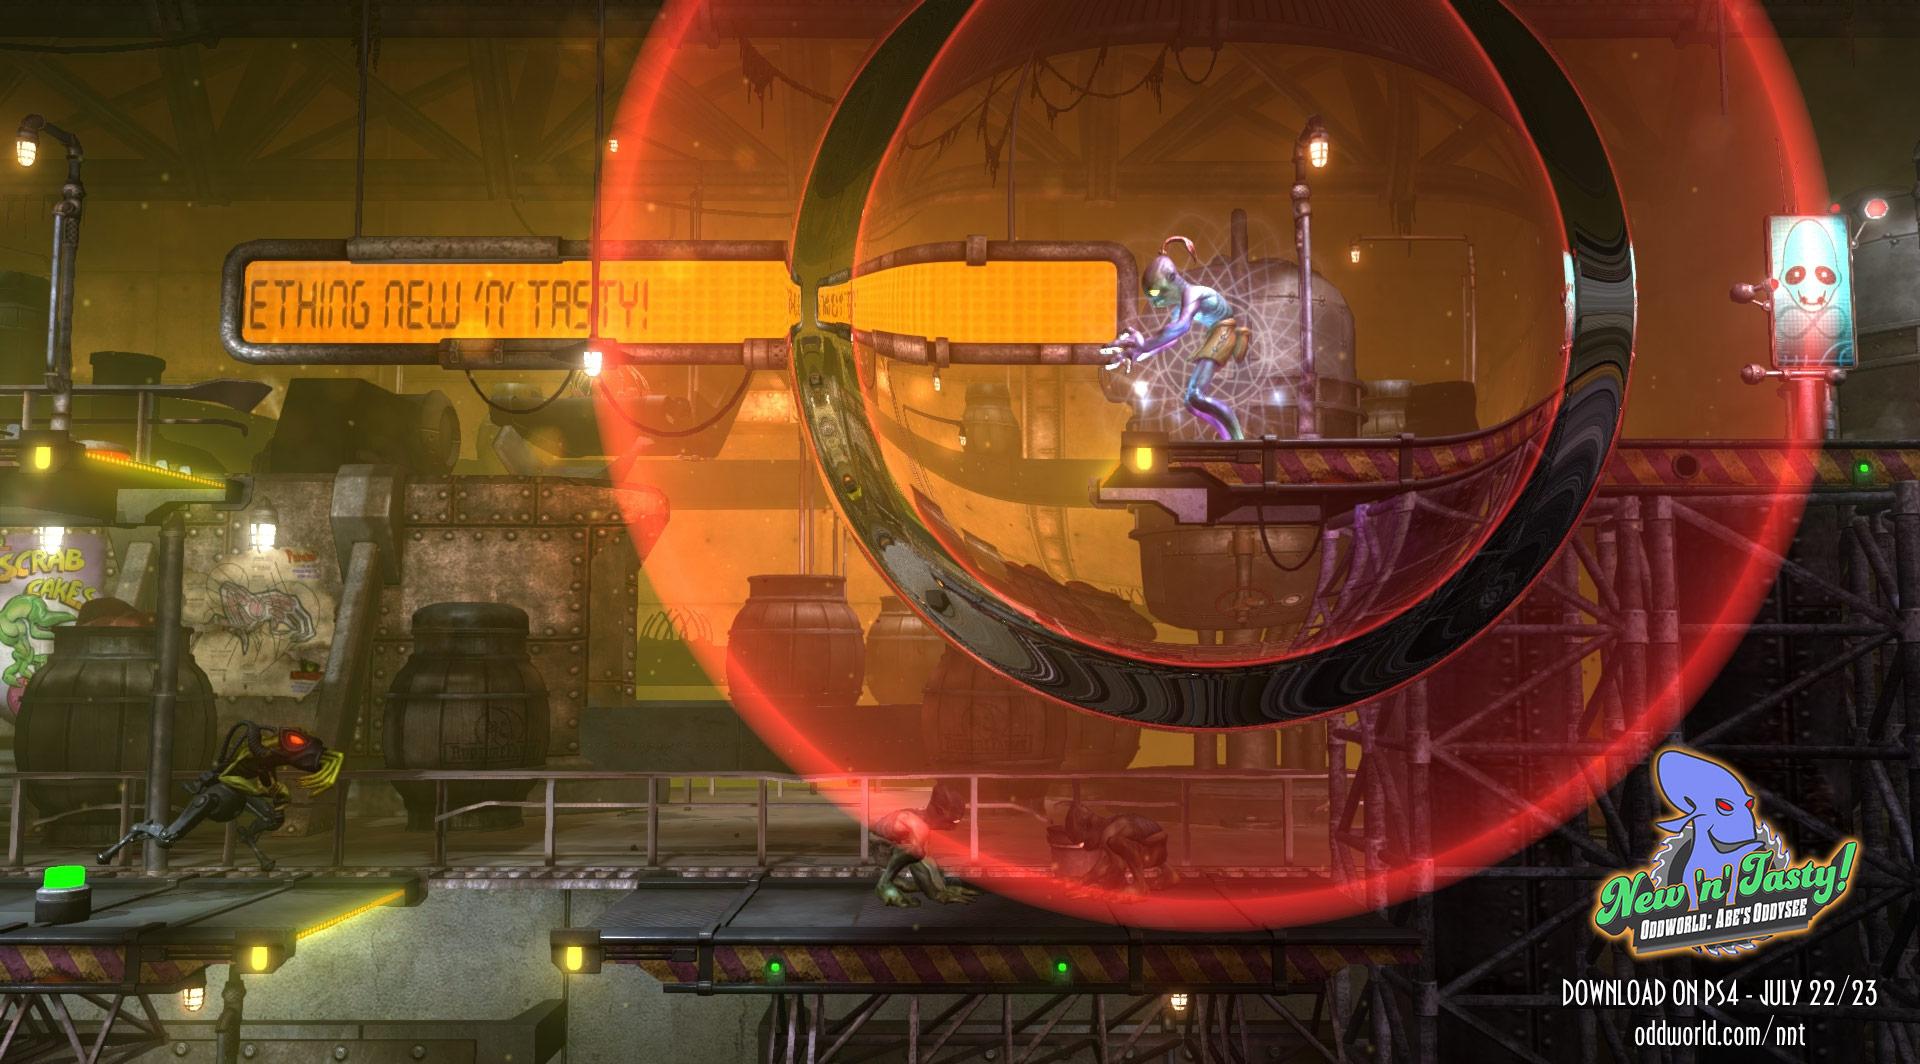 Oddworld New 'n' Tasty Launch 20-07-14 007